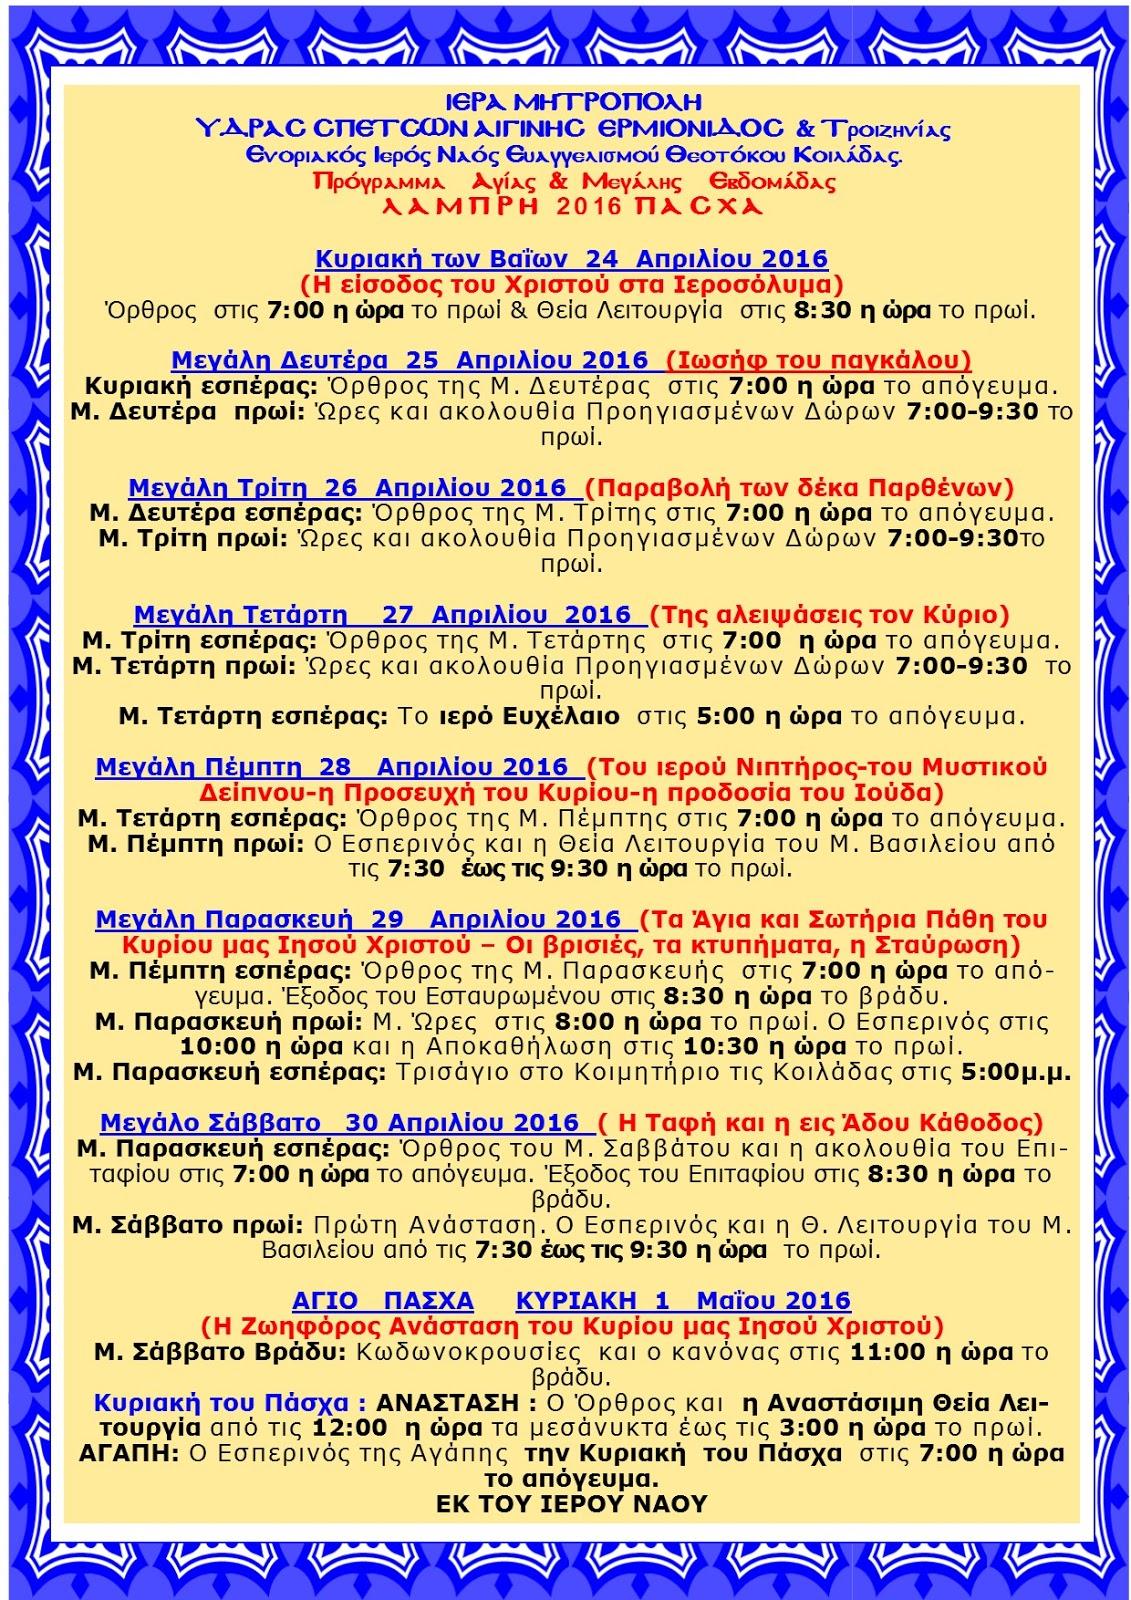 Πρόγραμμα Αγίας και Μεγάλης Εβδομάδας 2016 στην ενορία της Κοιλάδας